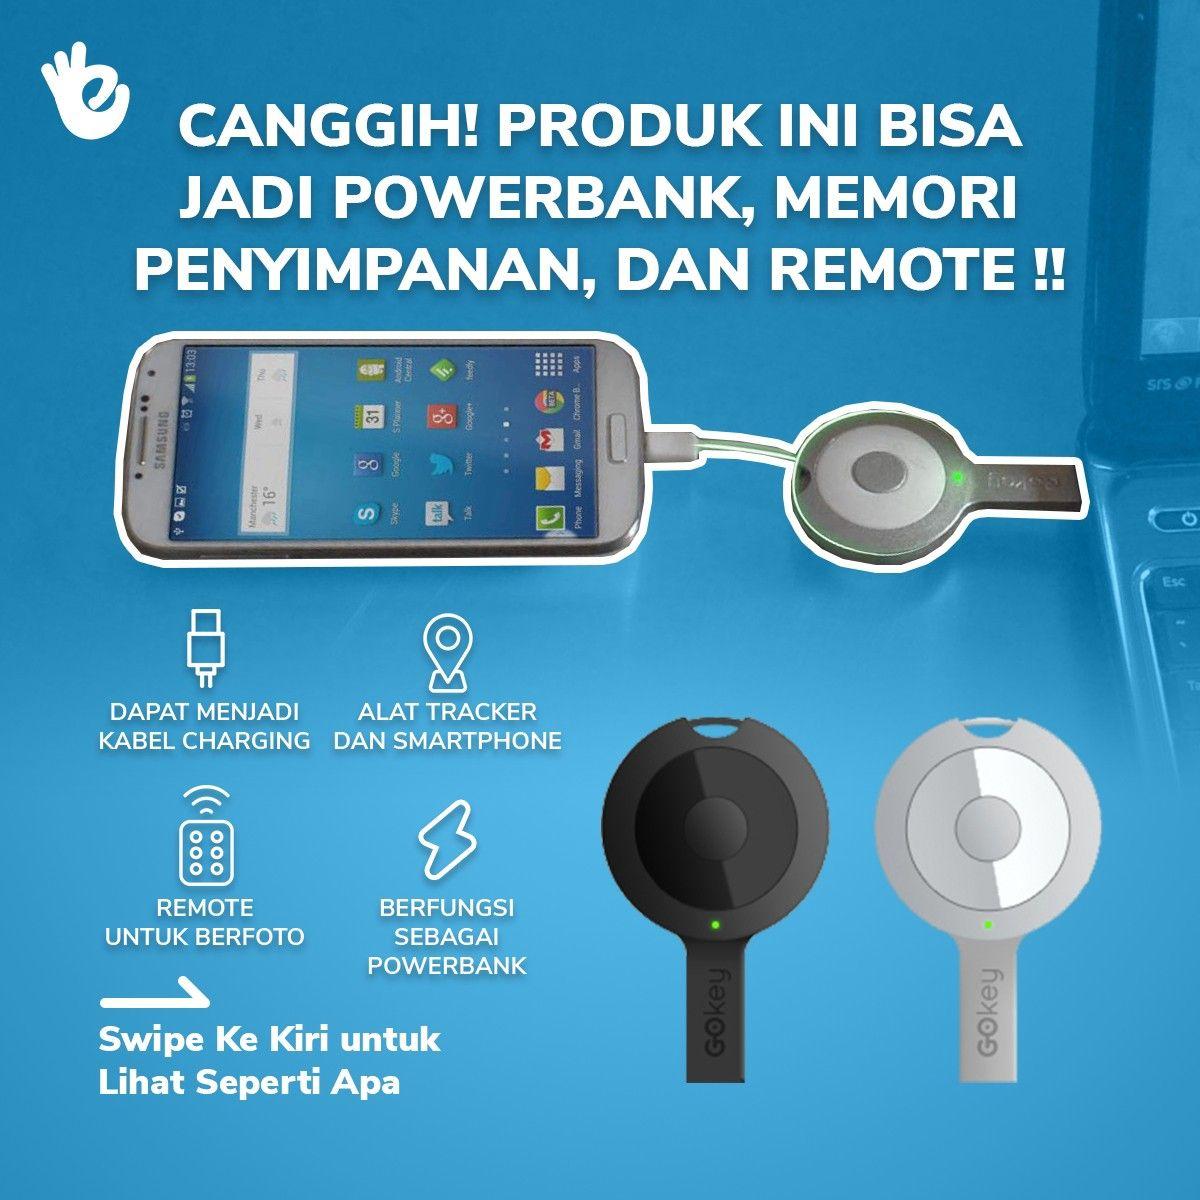 Gokey Erakomp Smartphone Produk Beri